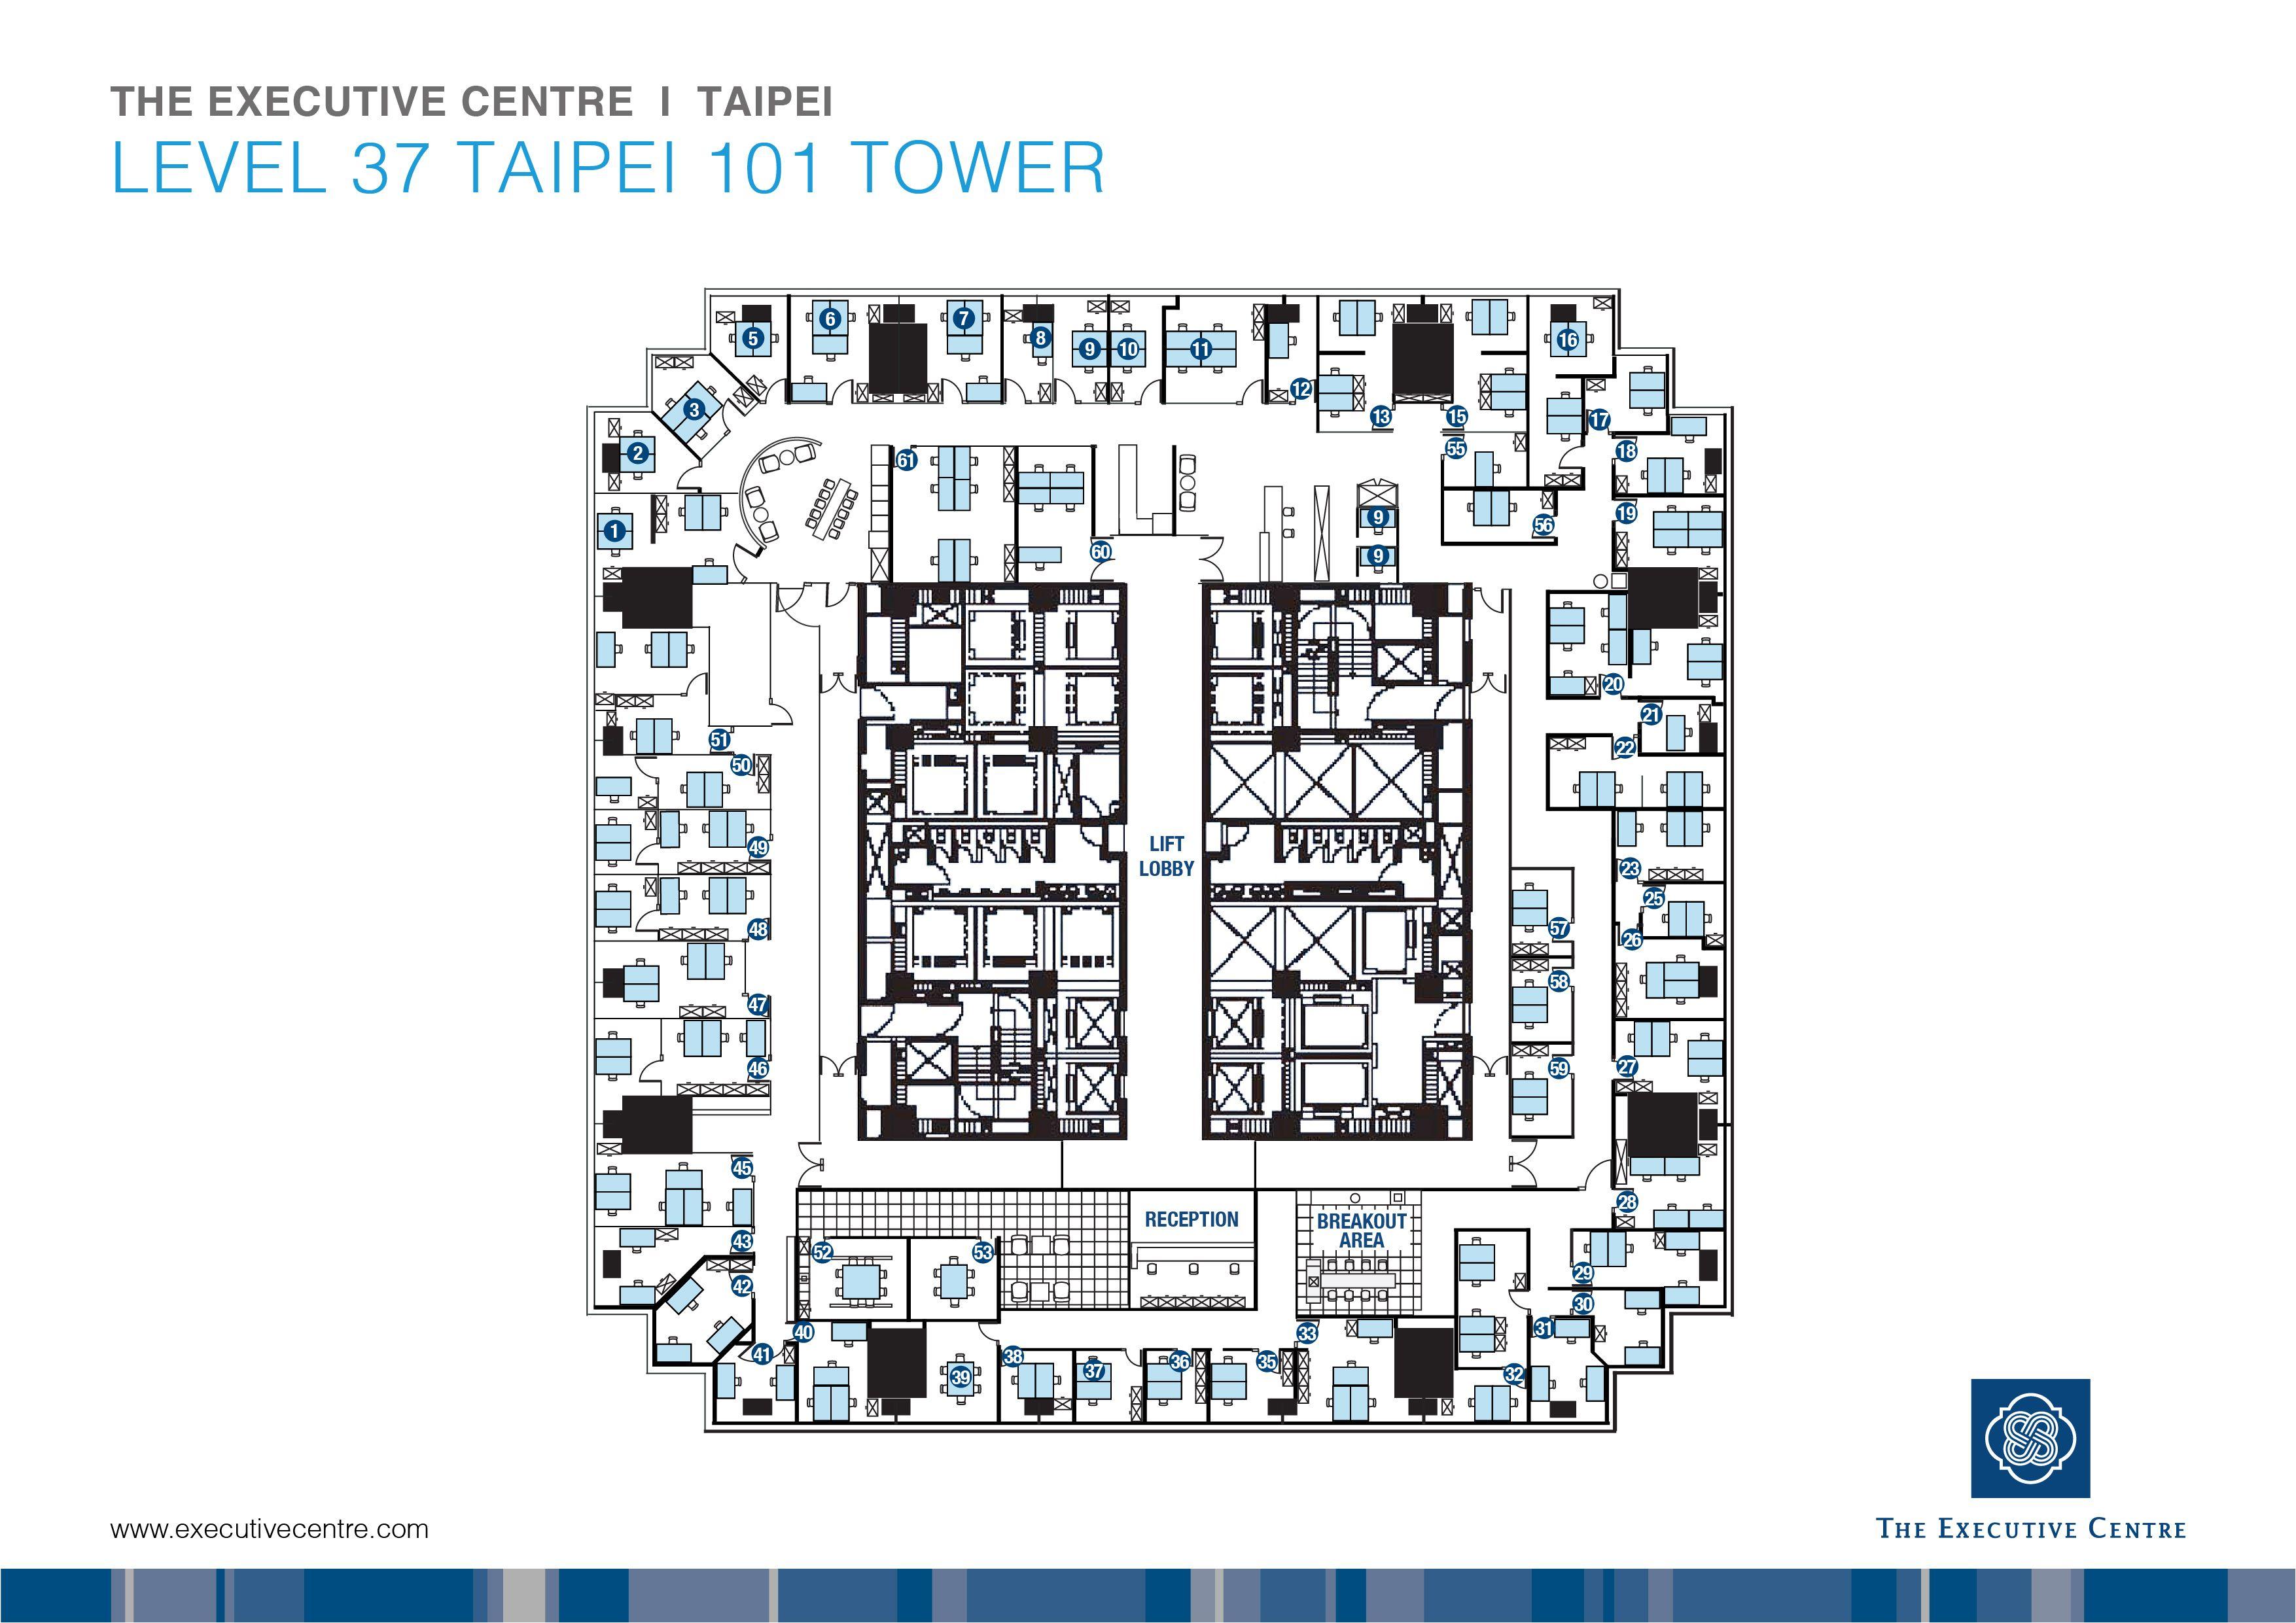 taipei 101 floor plan